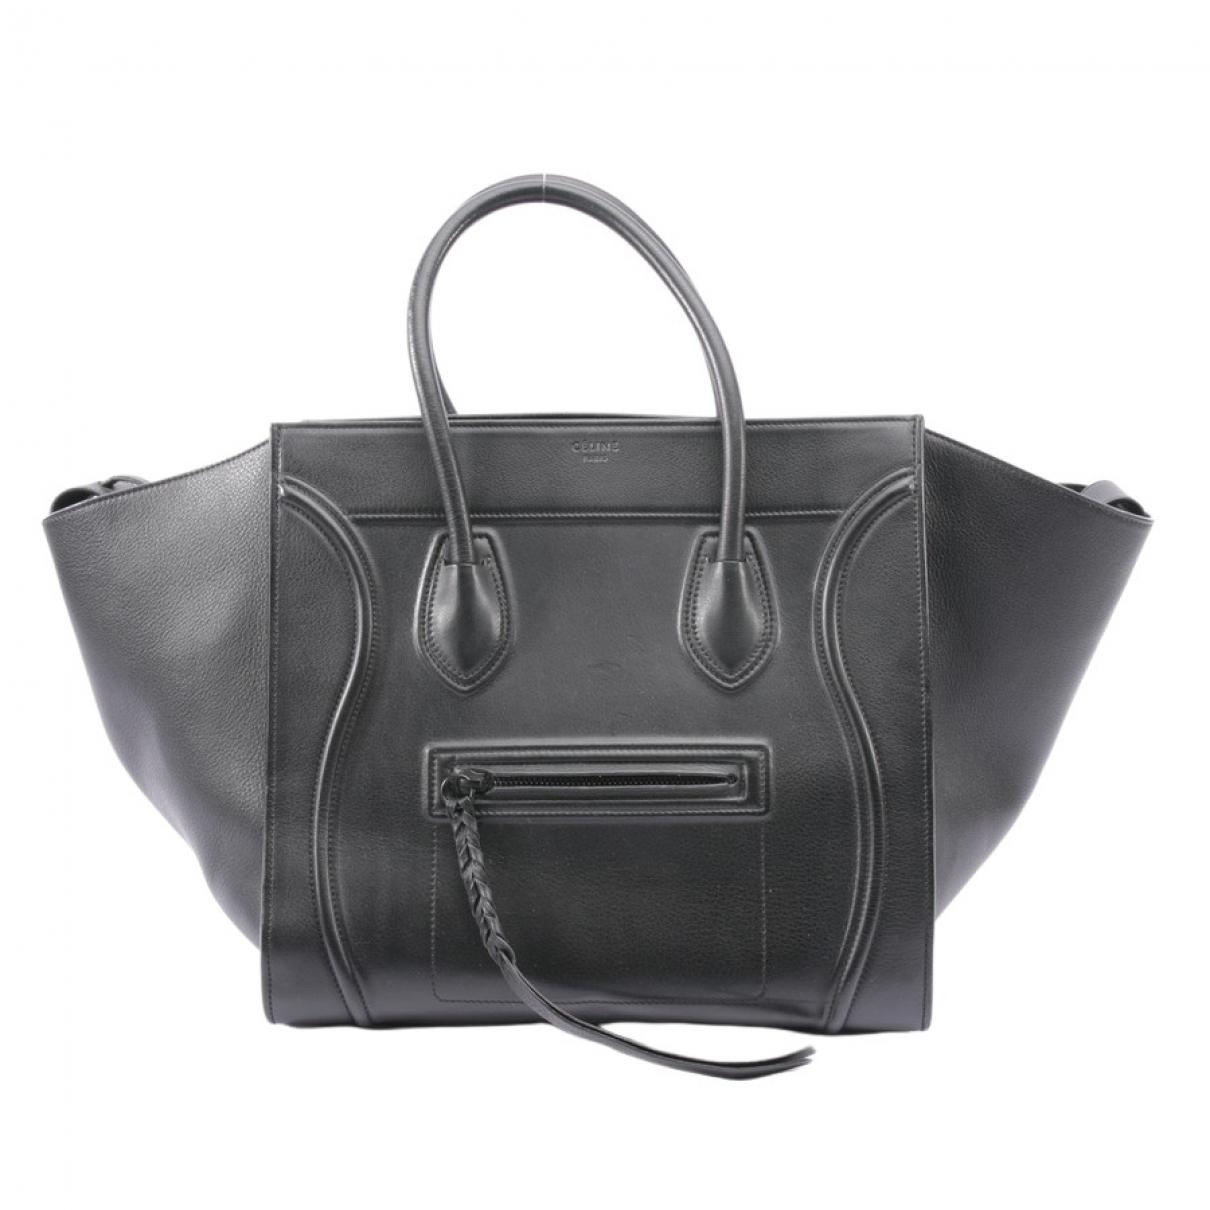 Celine - Sac a main Luggage Phantom pour femme en cuir - noir